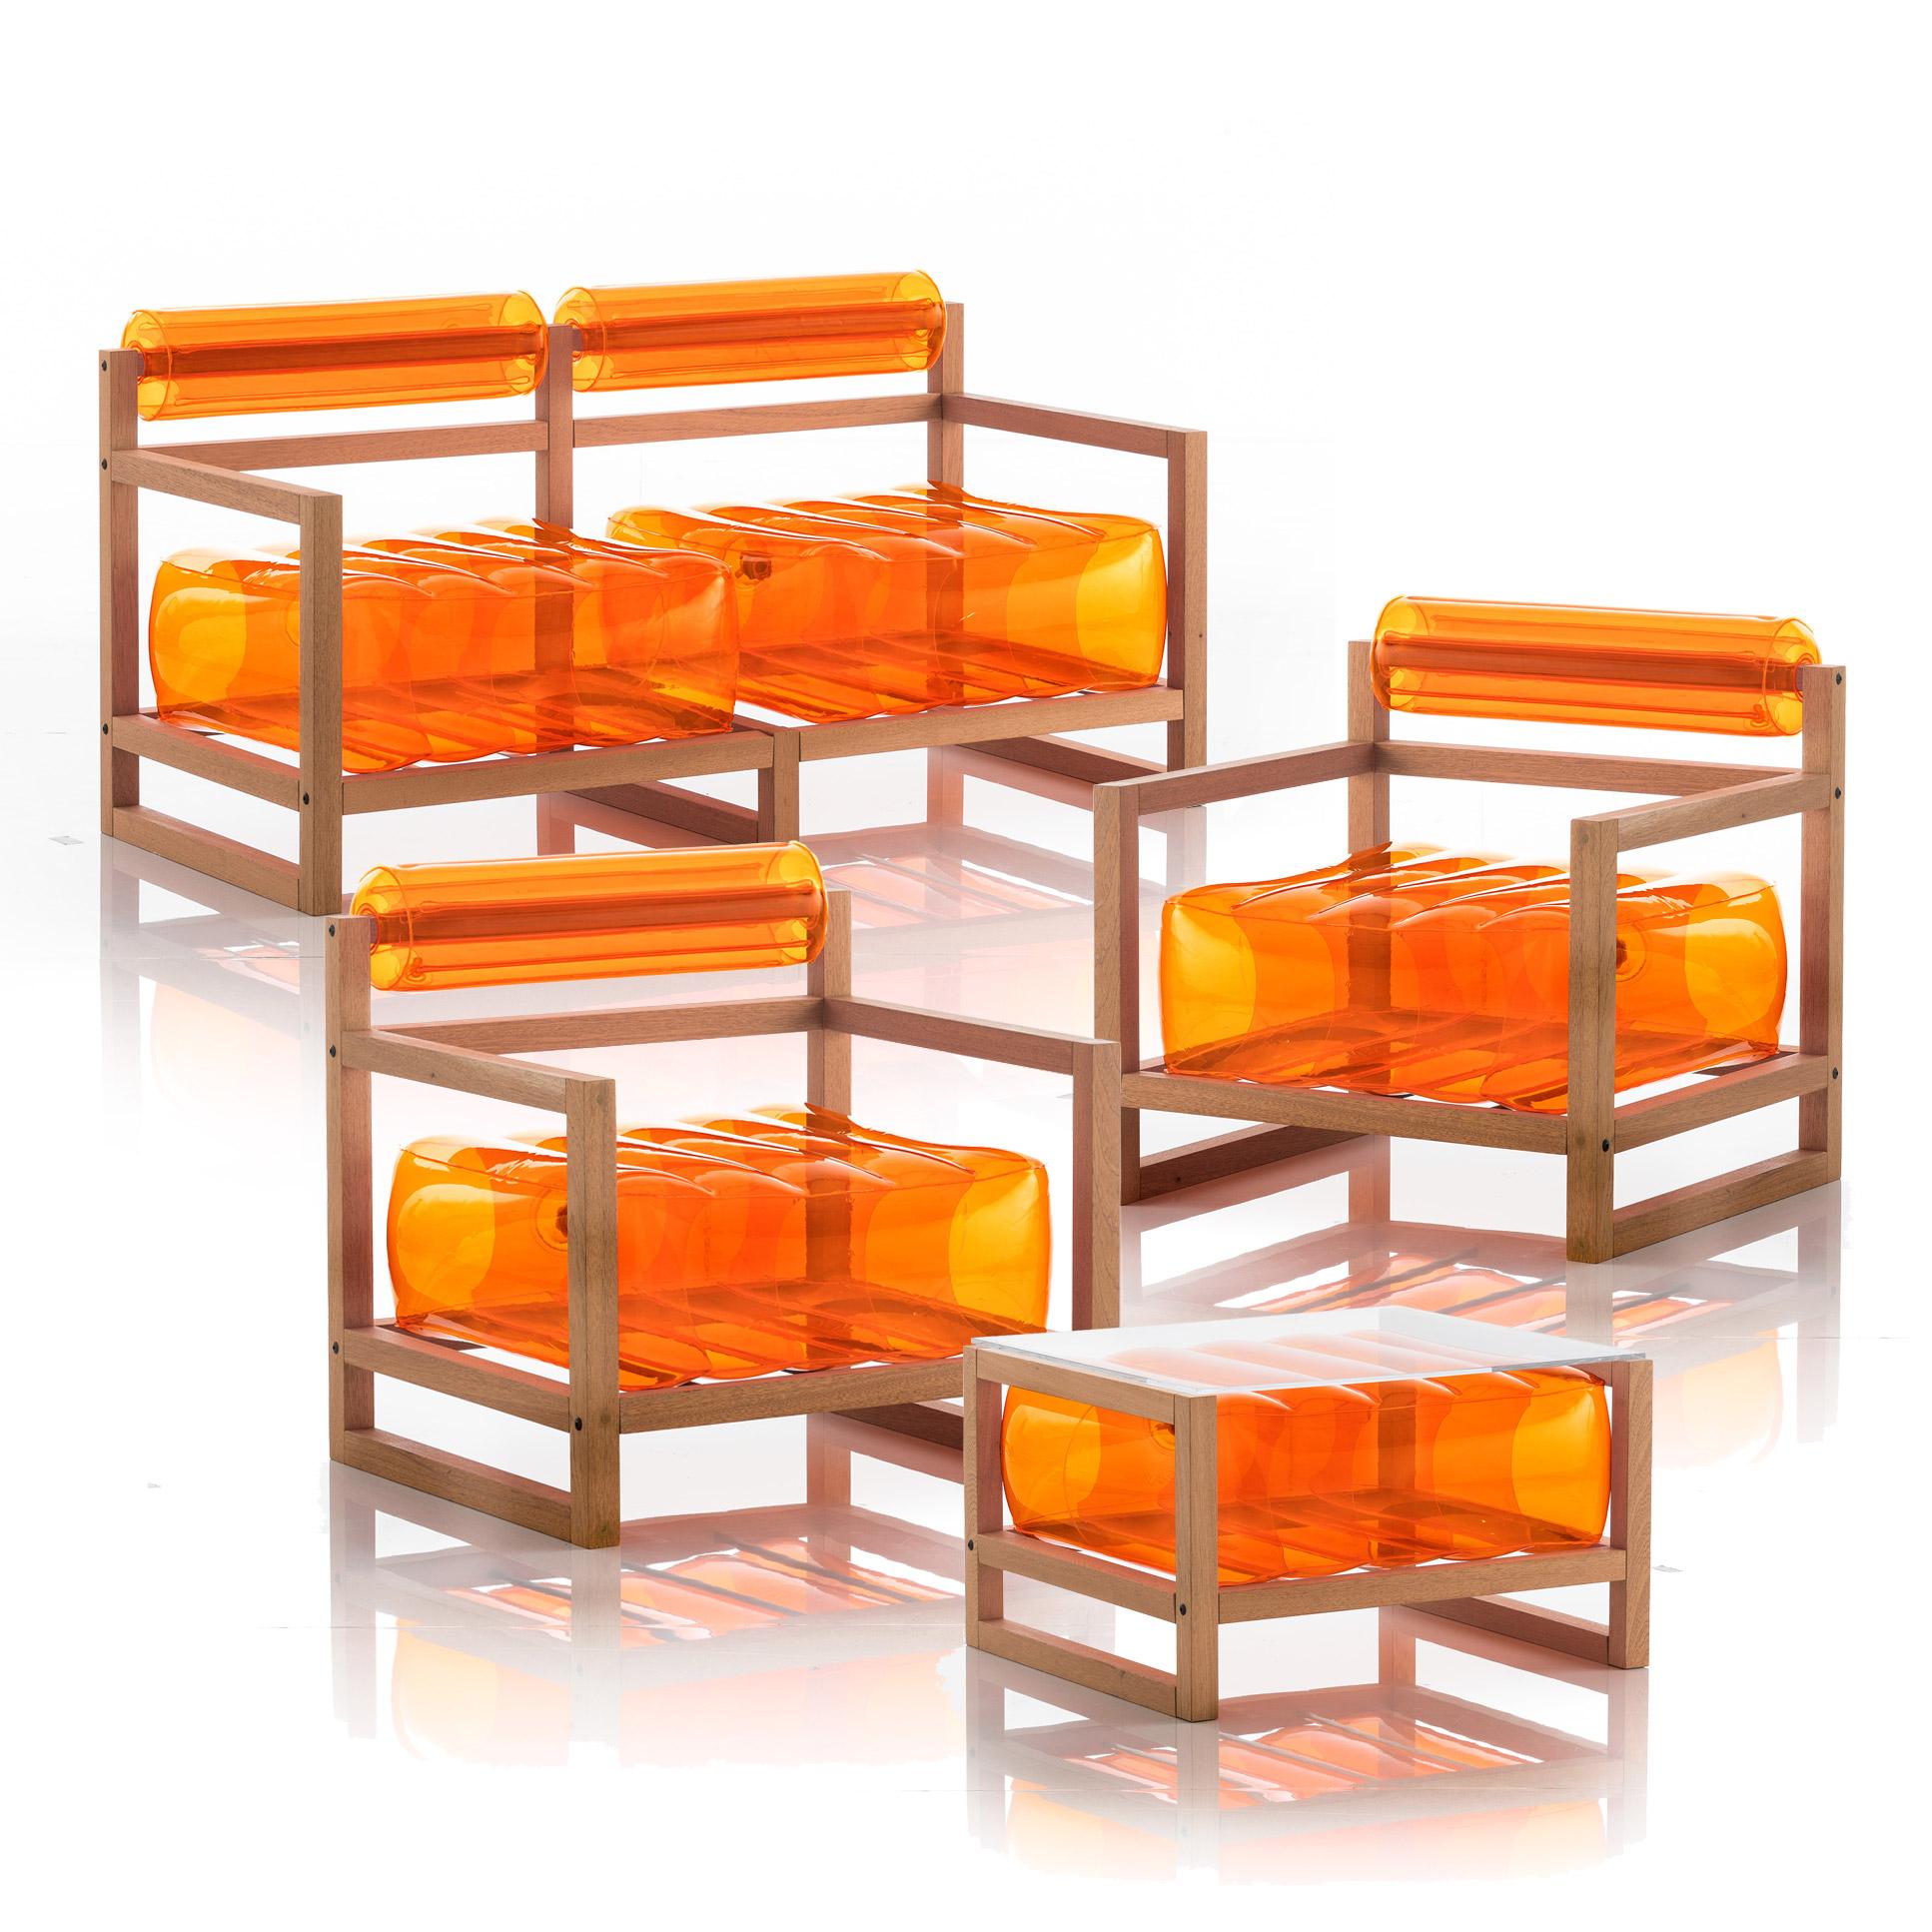 Salon de jardin design et table basse orange